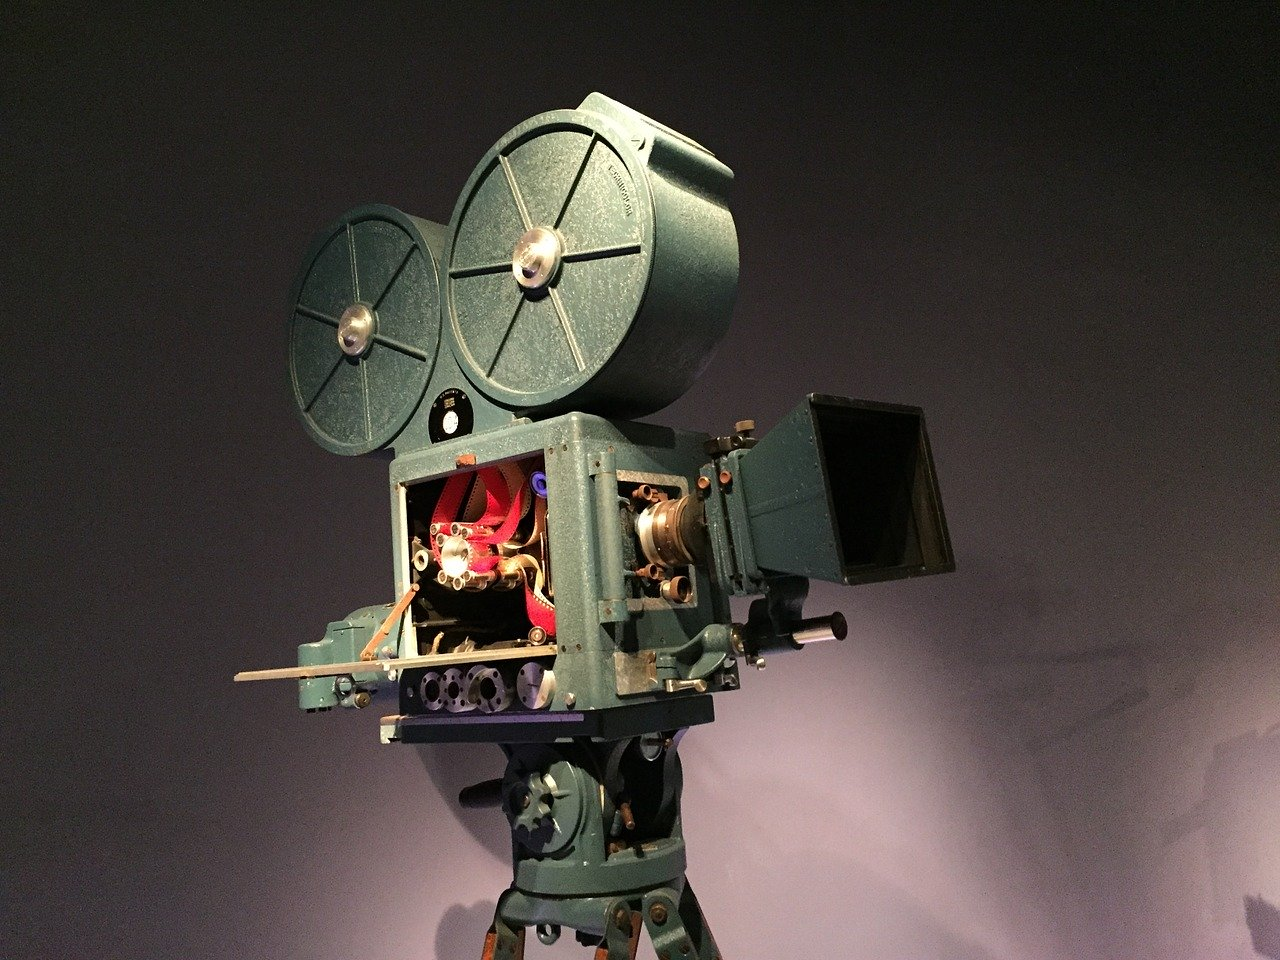 camera, history, museum